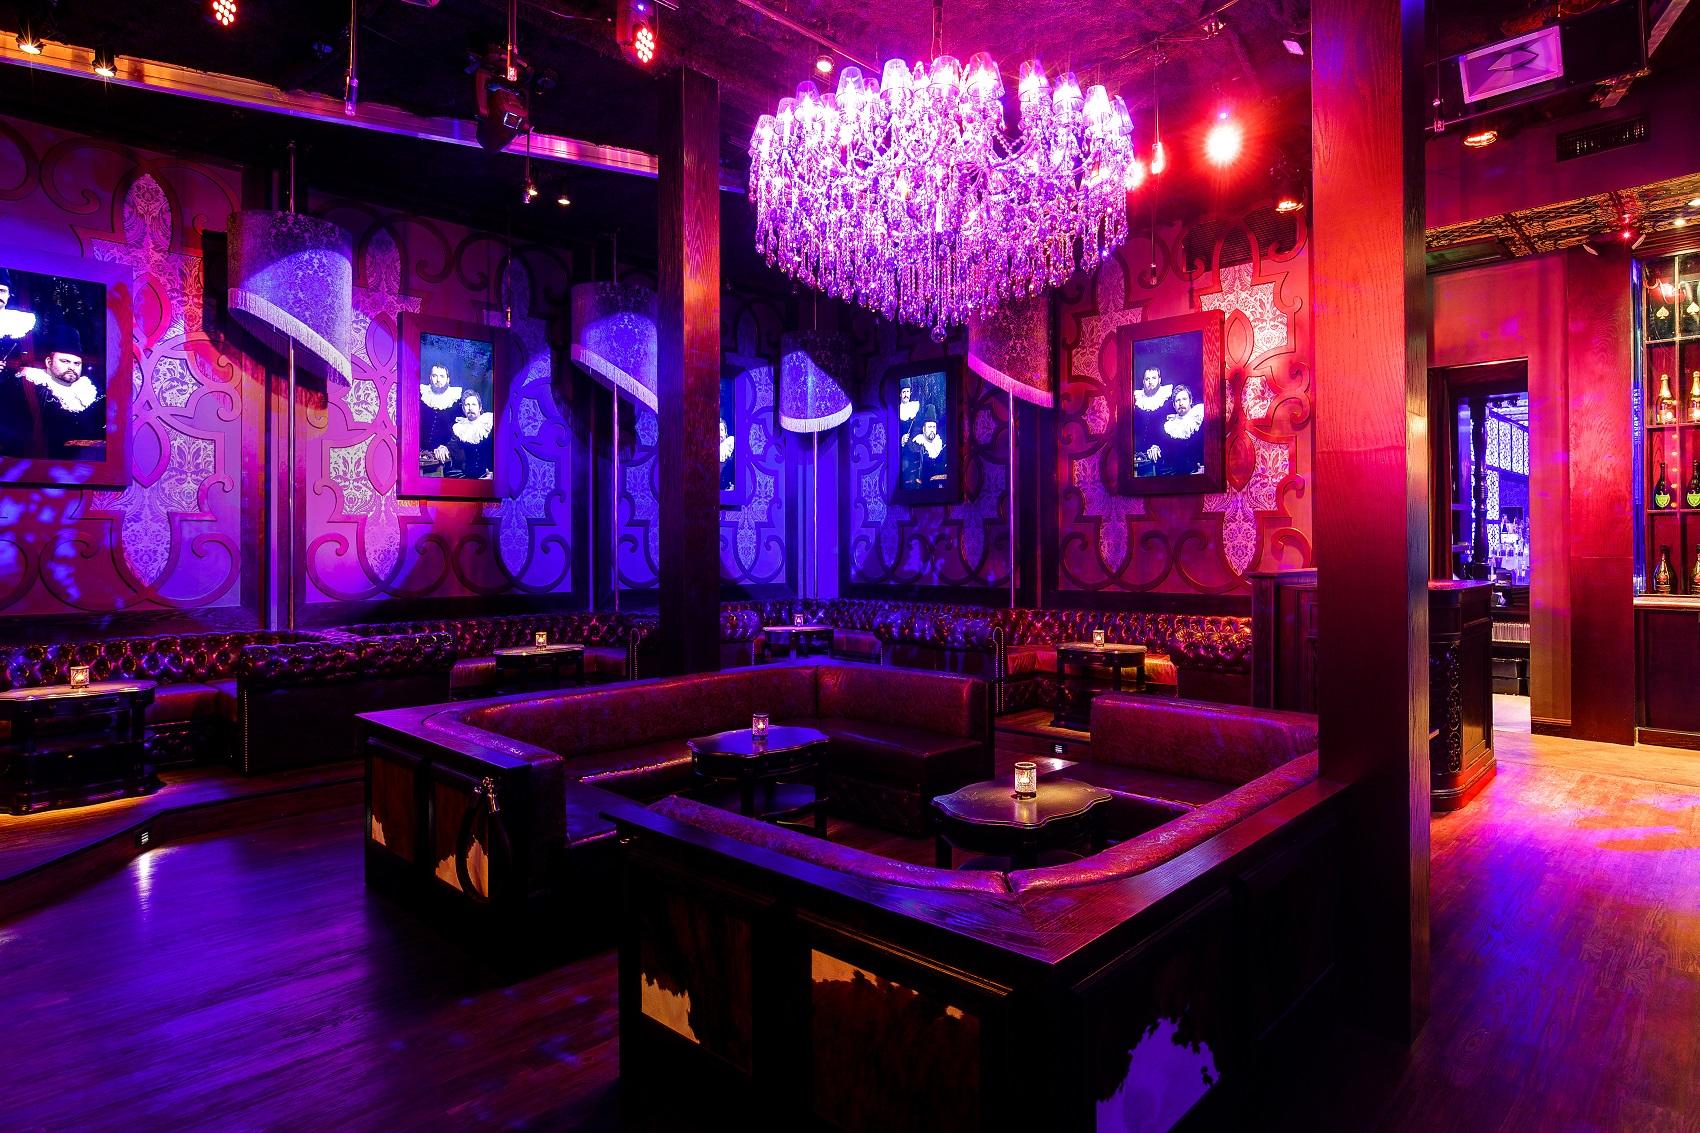 AV Nightclub